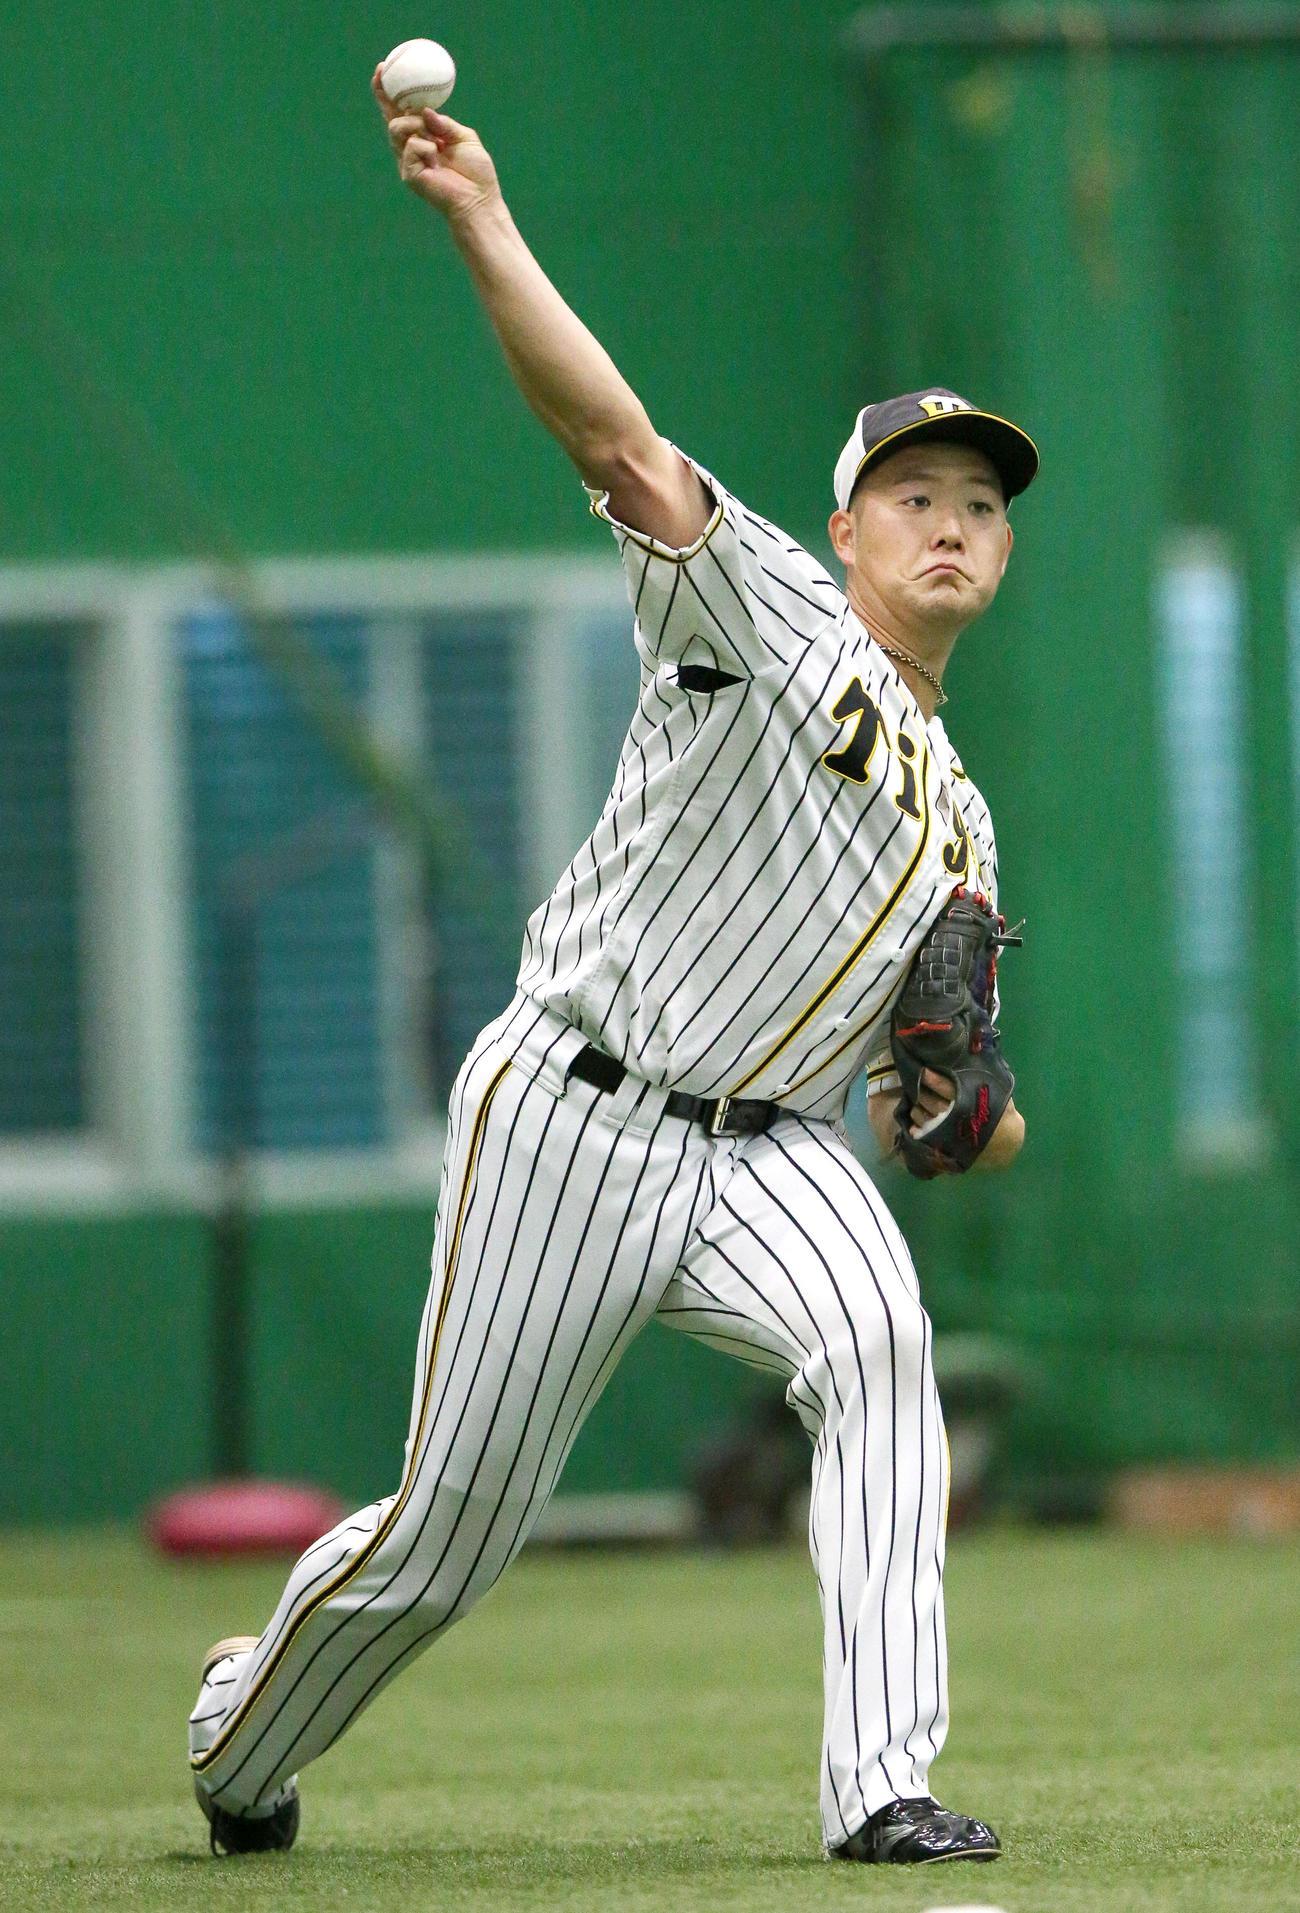 阪神対巨人 試合前、室内でキャッチボールを行う斎藤(撮影・上山淳一)